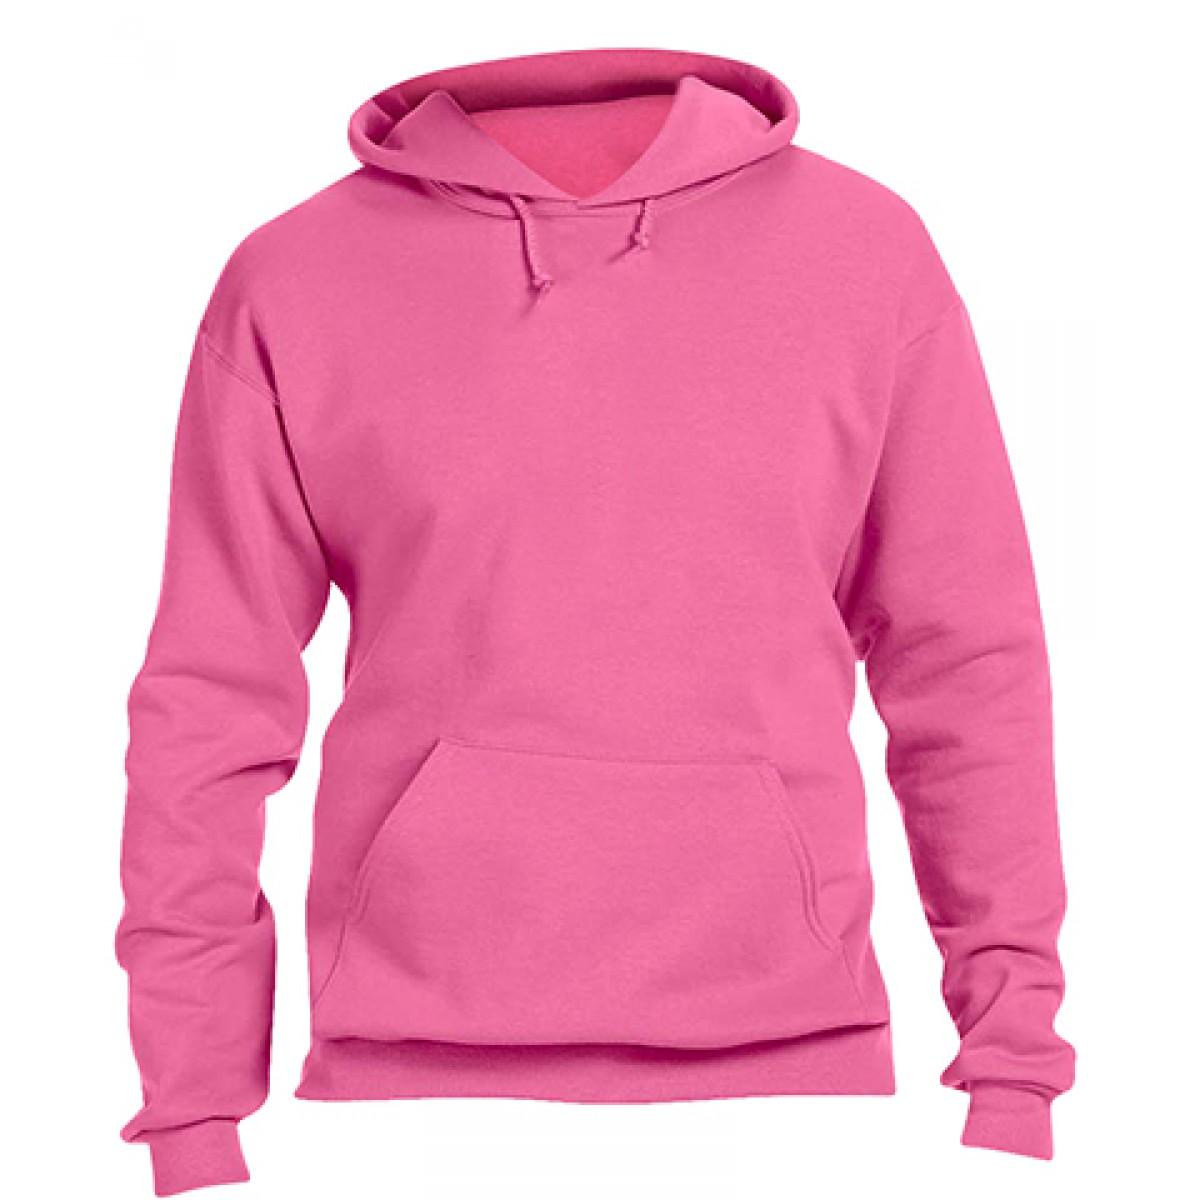 Pullover Hood 50/50 Preshrunk Fleece-Neon-Pink-S